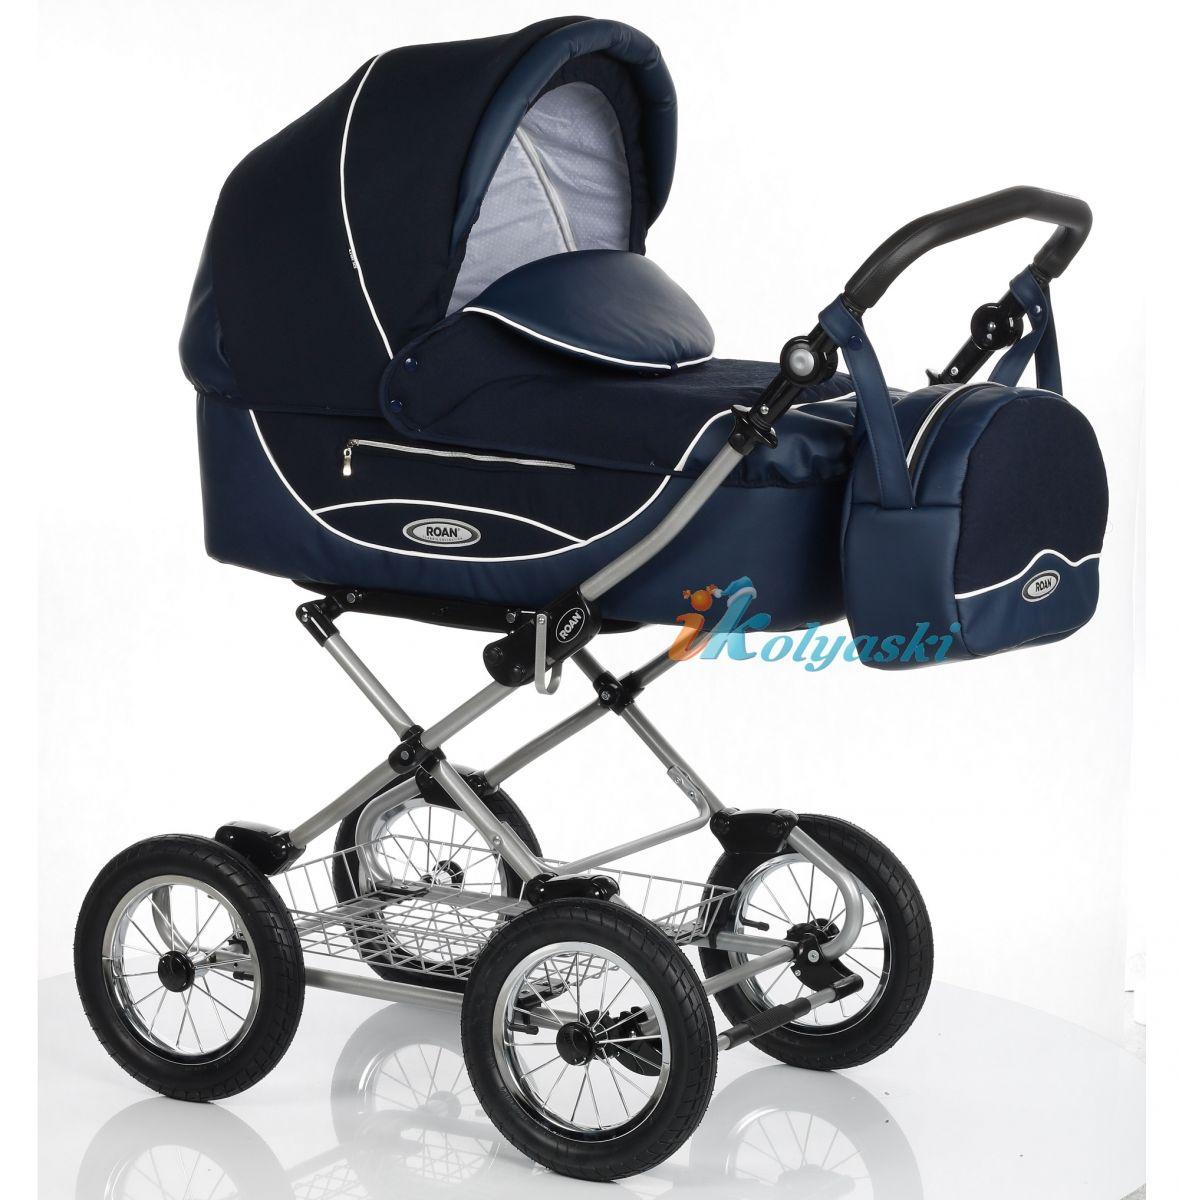 Детская коляска Roan Kortina Luxe Роан Кортина люкс 2018 спальная люлька 3 в 1 , коляска для новорожденных, коляска зима-лето.  roan kortina, roan cortina, Детская коляска Roan Kortina Luxe, коляска Роан Кортина люкс 2018, коляска спальная, коляска  люлька, коляска 3 в 1, коляска для новорожденных, роан кортина, коляска роан кортина, коляска roan cortina, цвет 199-SK